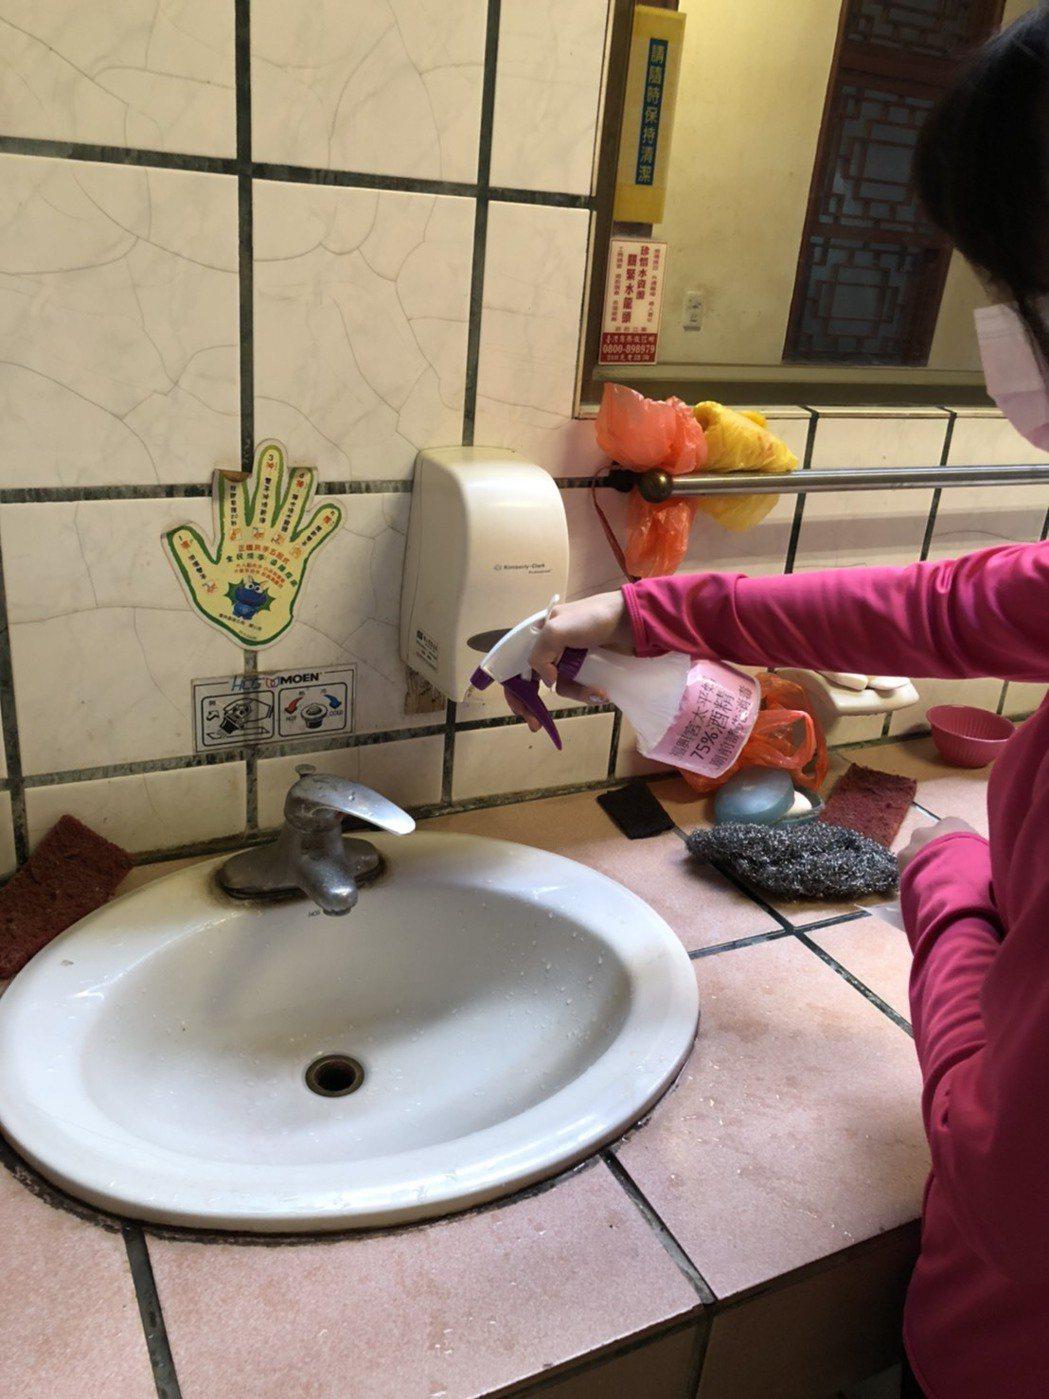 福興宮消毒工作包括廁所水龍頭。圖/西螺福興宮提供